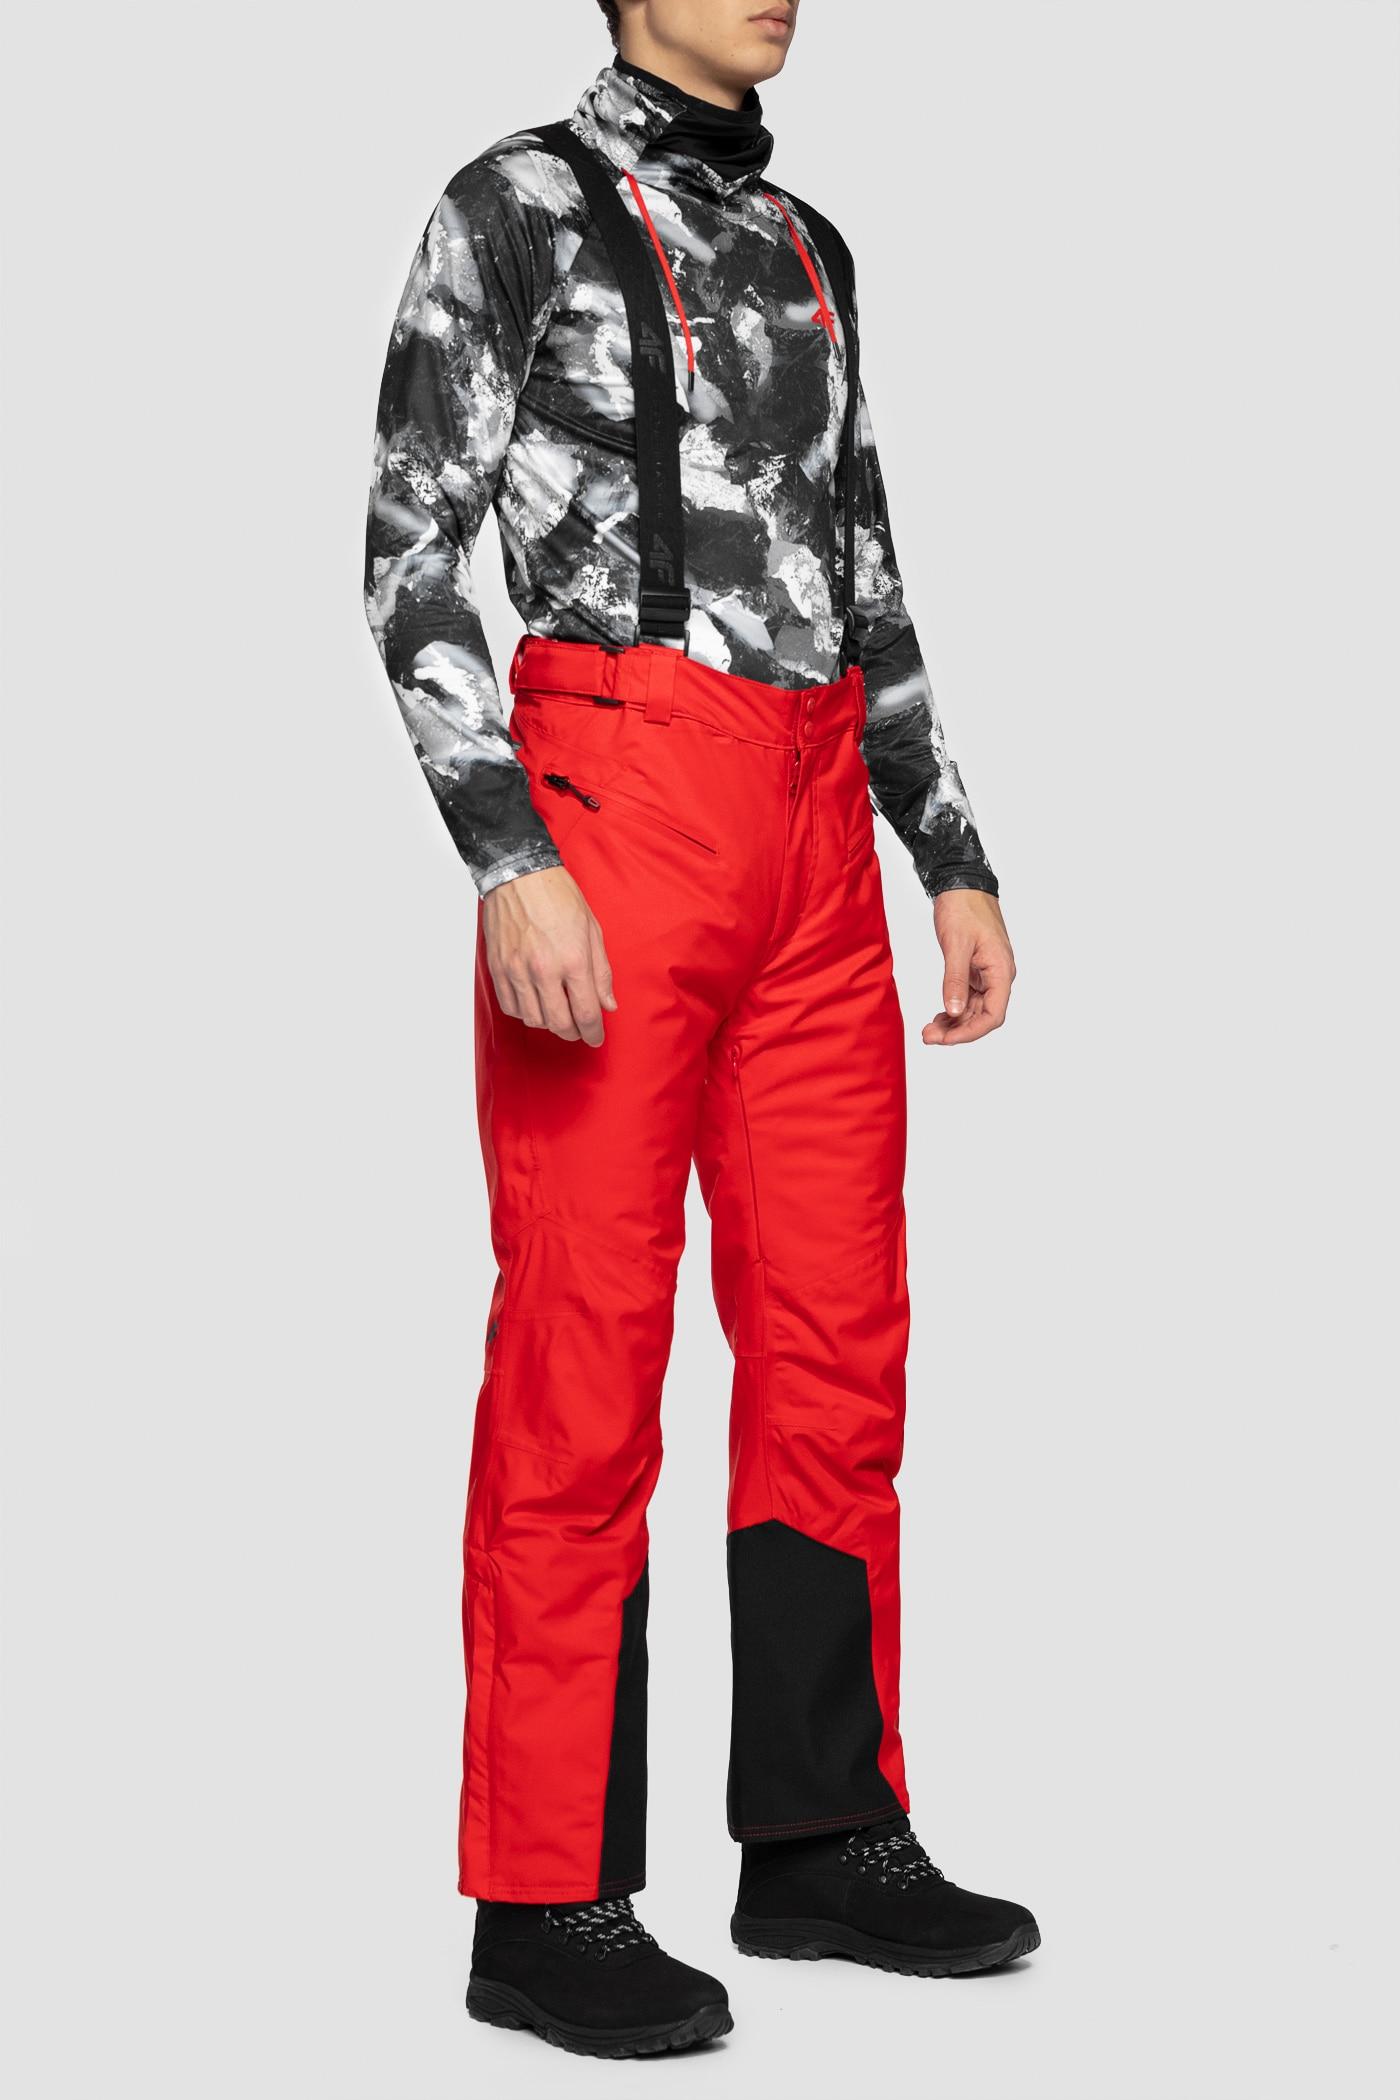 e671afd5f Spodnie narciarskie męskie SPMN251 - czerwony